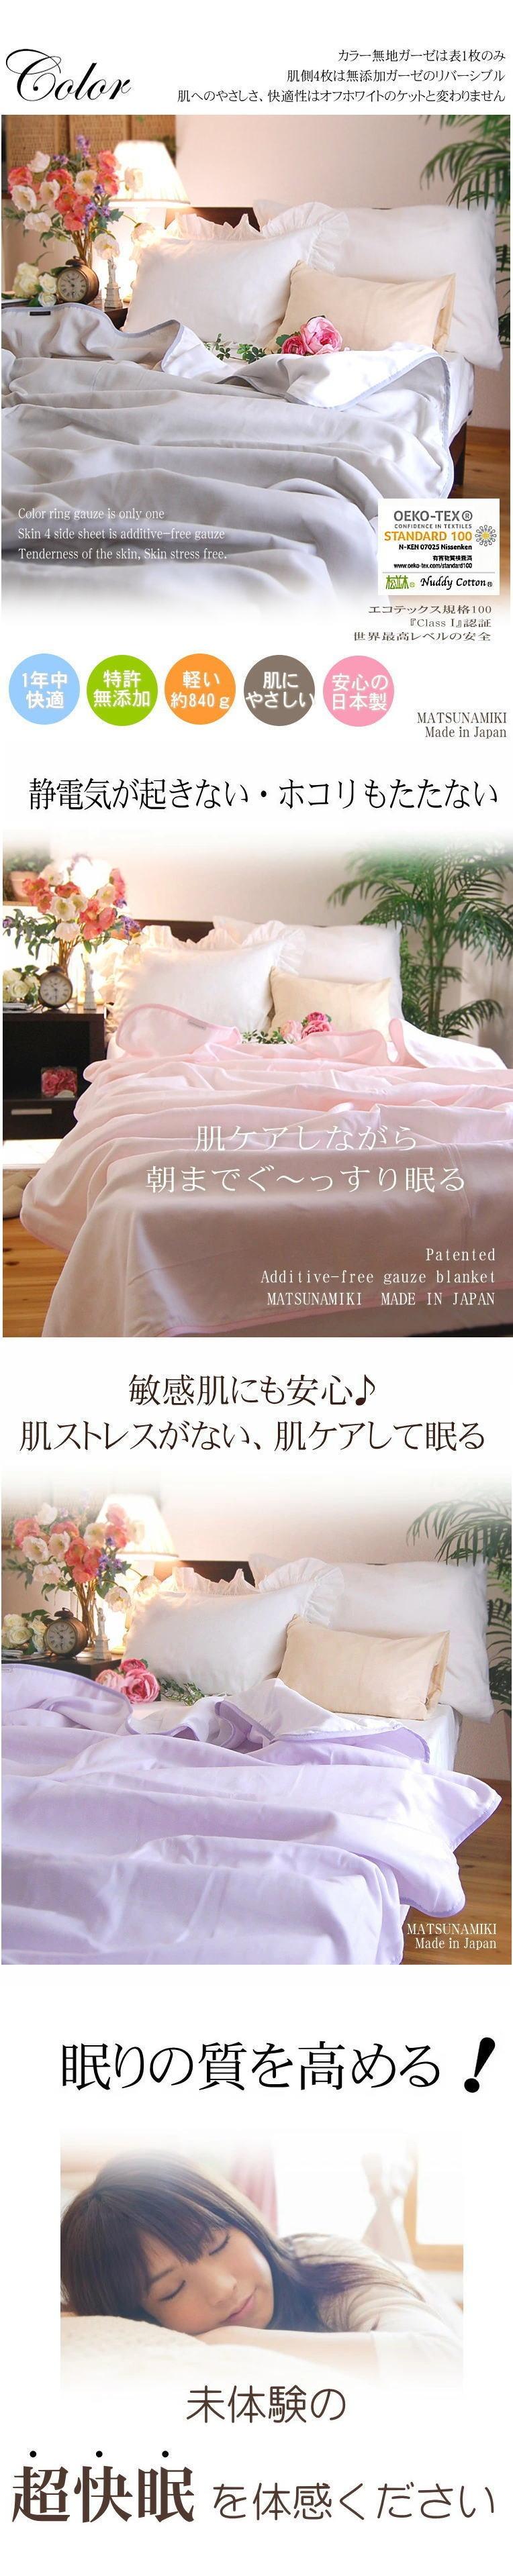 カラー 冬 あったか快眠 布団 綿毛布 楽天1位 5重ガーゼケット  松並木 日本製